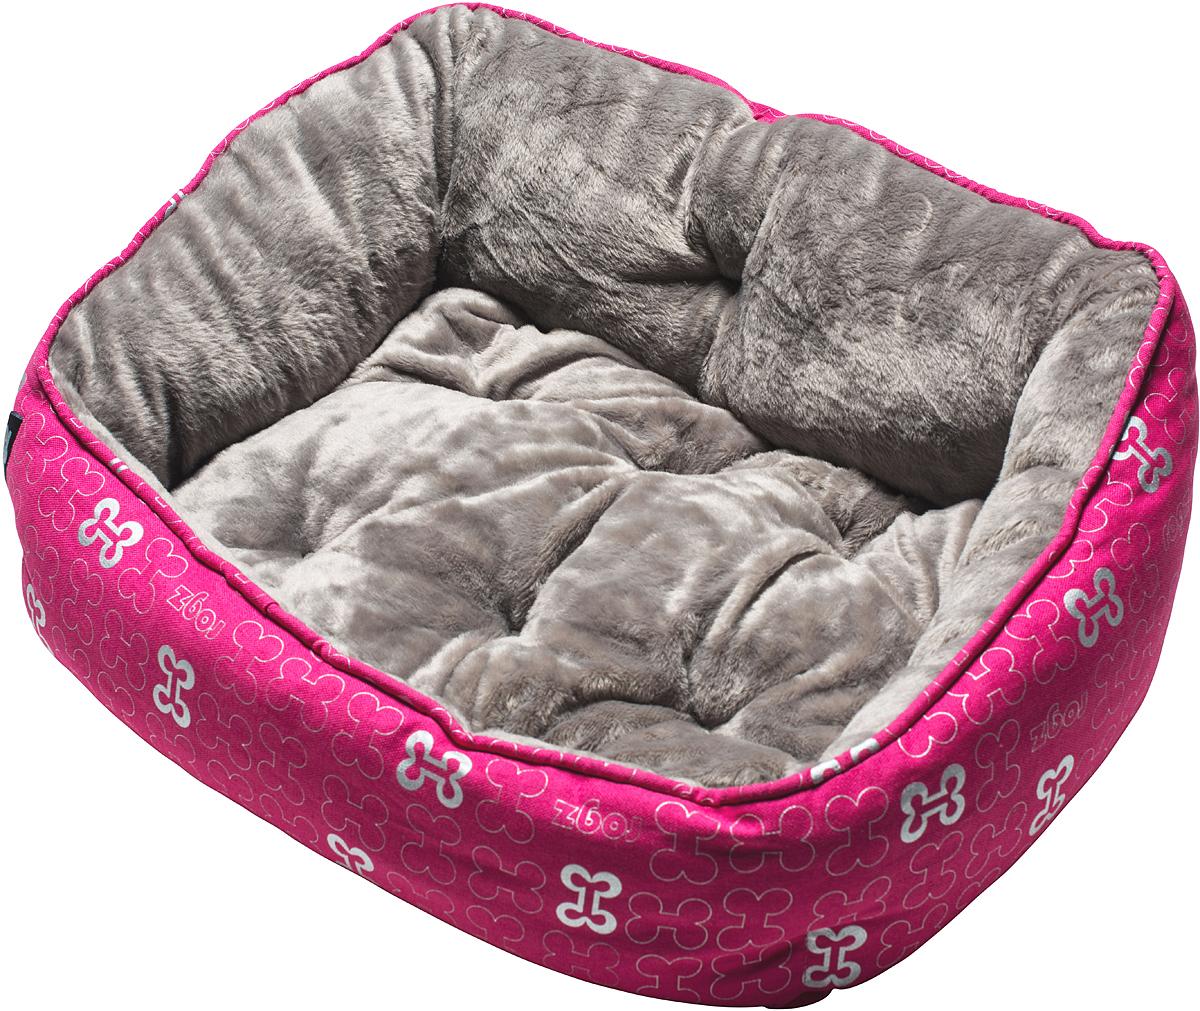 Лежак для собак Rogz Trendy Podz, цвет: розовый, 29 х 56 х 43 смLPL02Очень мягкий и комфортный лежак для собак Rogz Trendy Podz.Флисовые бортики внутри изделия.Двусторонняя подушка.Уникальный дизайн.Подвергается стирке.